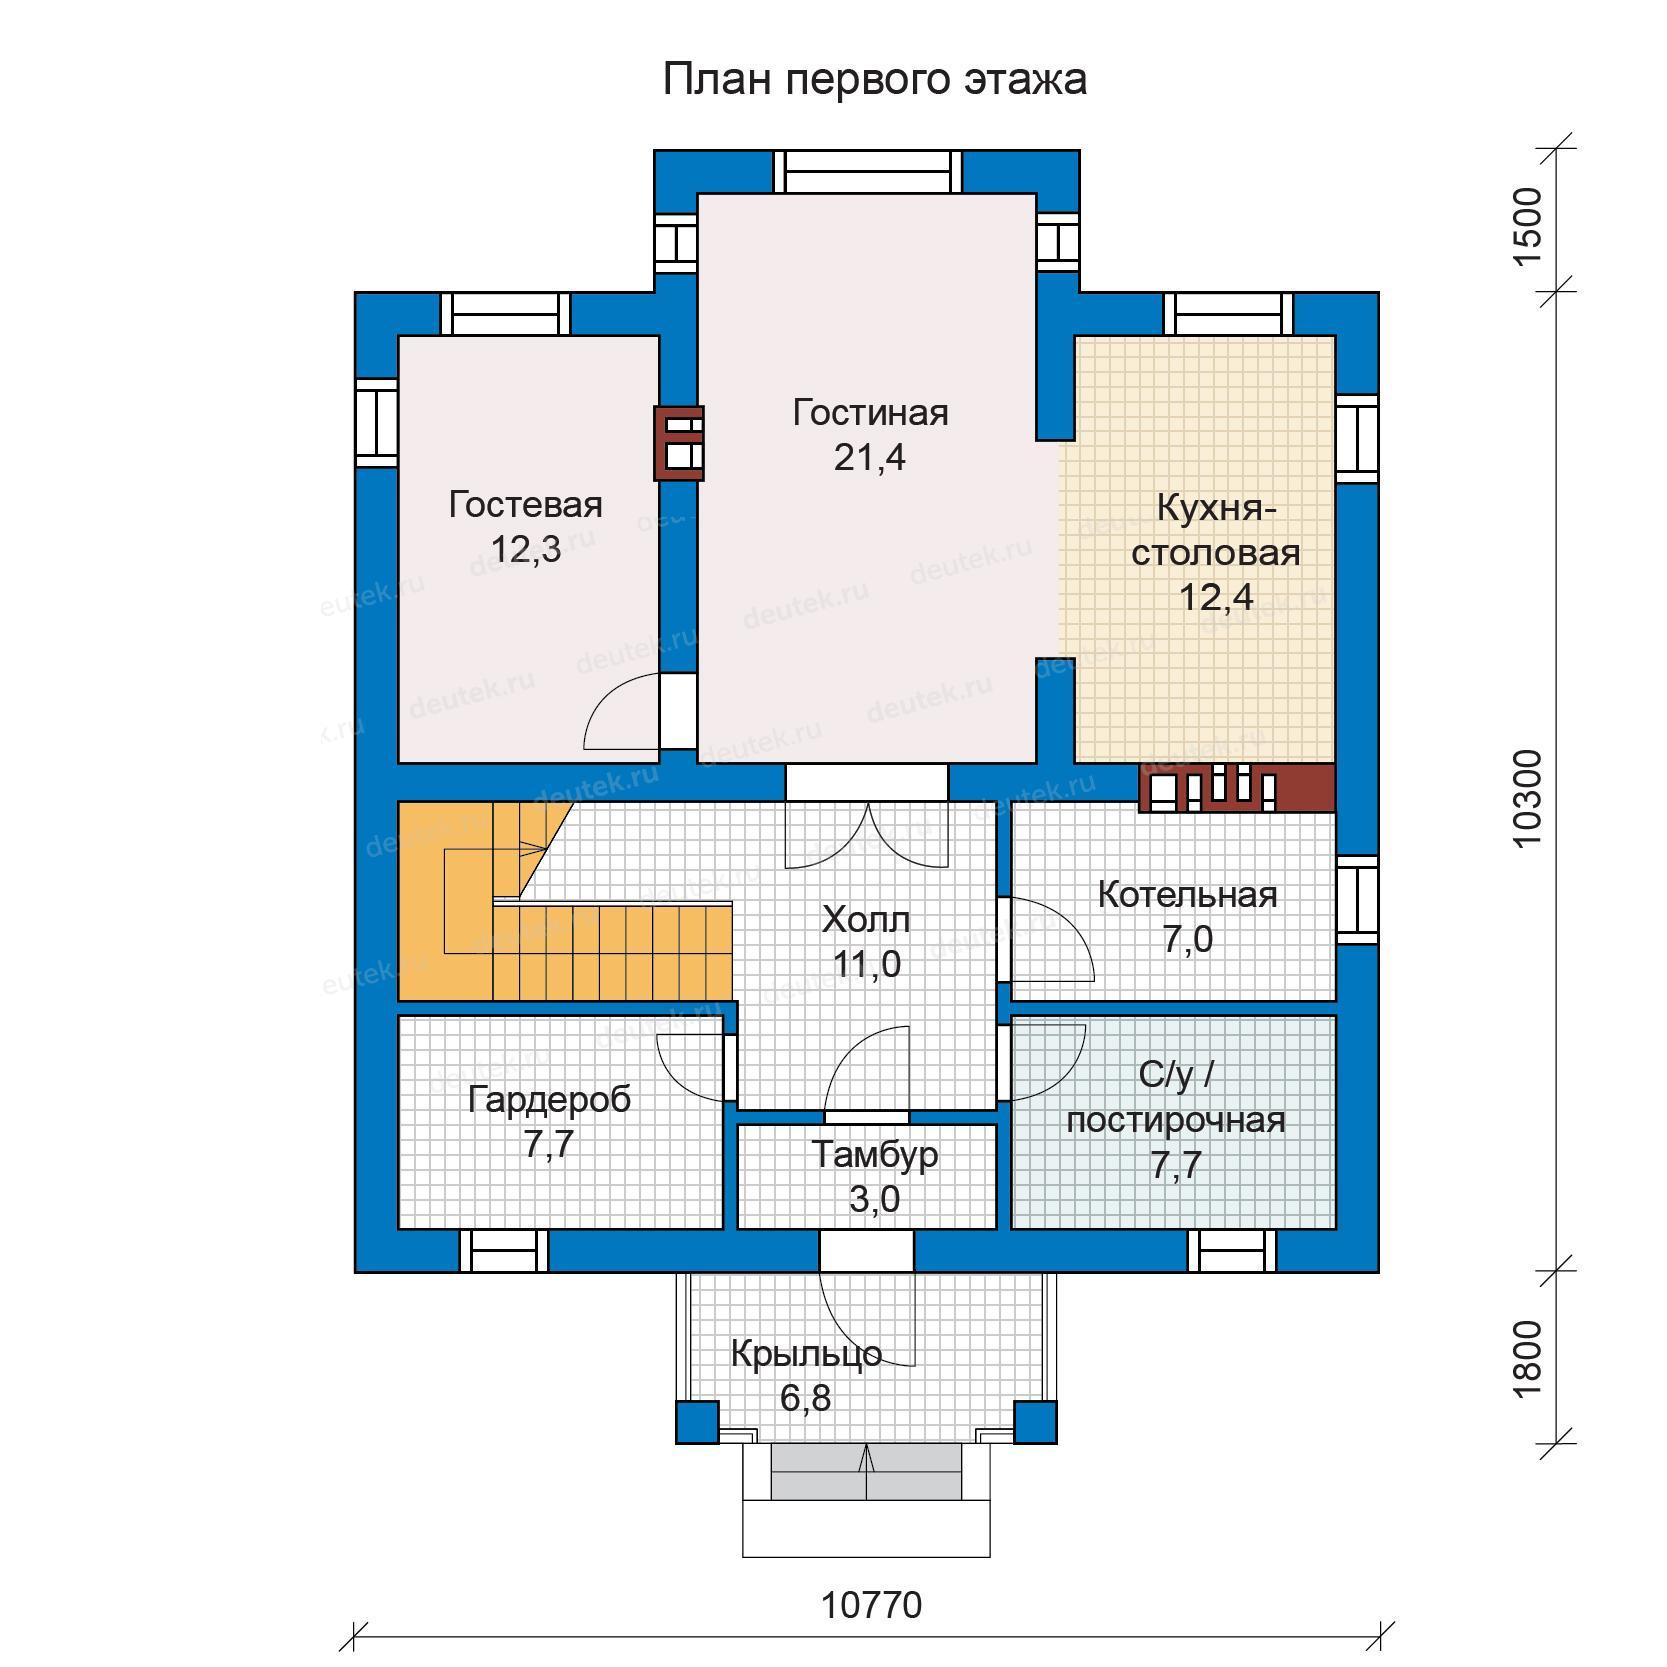 деревня Гордеевском монолитный дом 8х8 двухэтажный планировка с оделкой цены (шкафы) автоматики